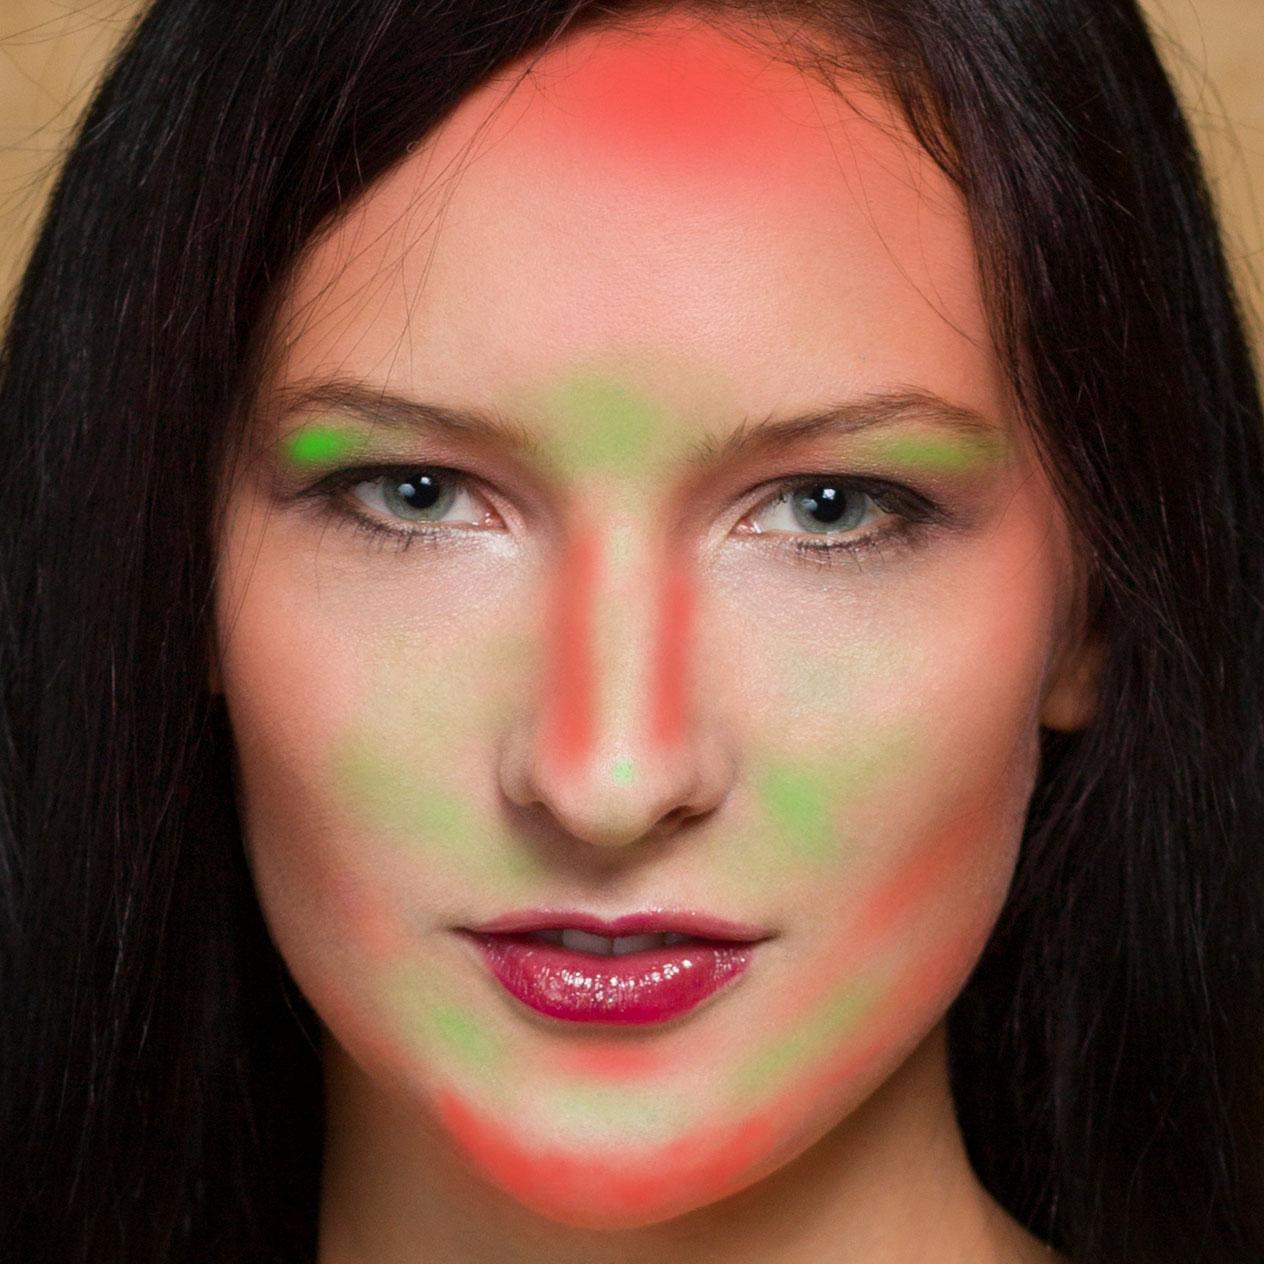 Místa, kde bylo provedeno modelování zesvětlením (zeleně) nebo ztmavením (červeně).